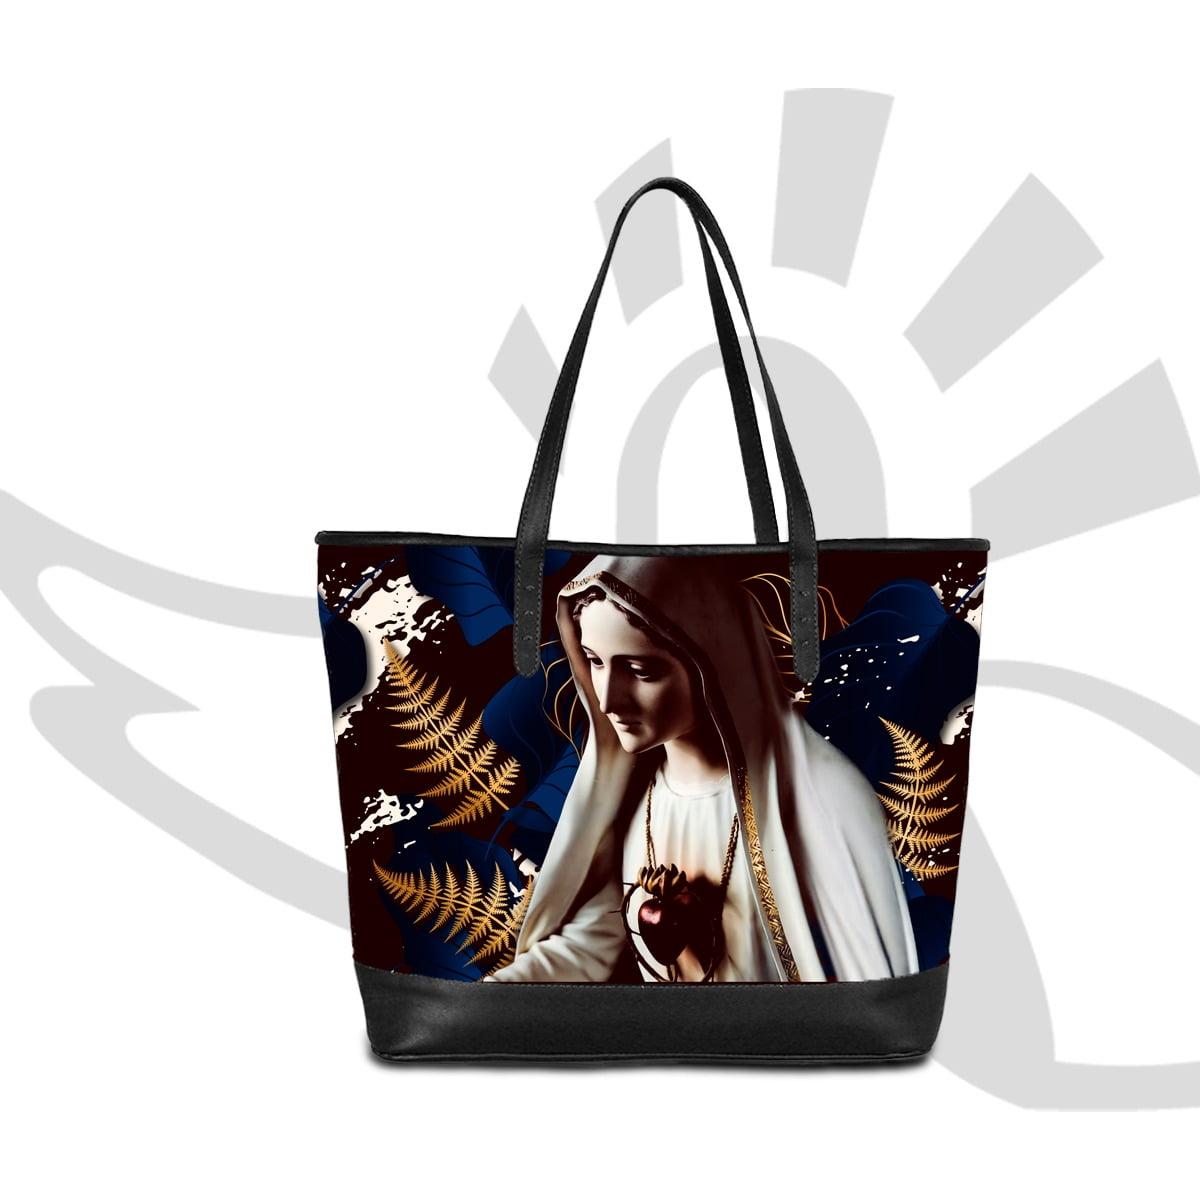 Bolsa Feminina de Nossa Senhora de Fátima - Modelo Devotion